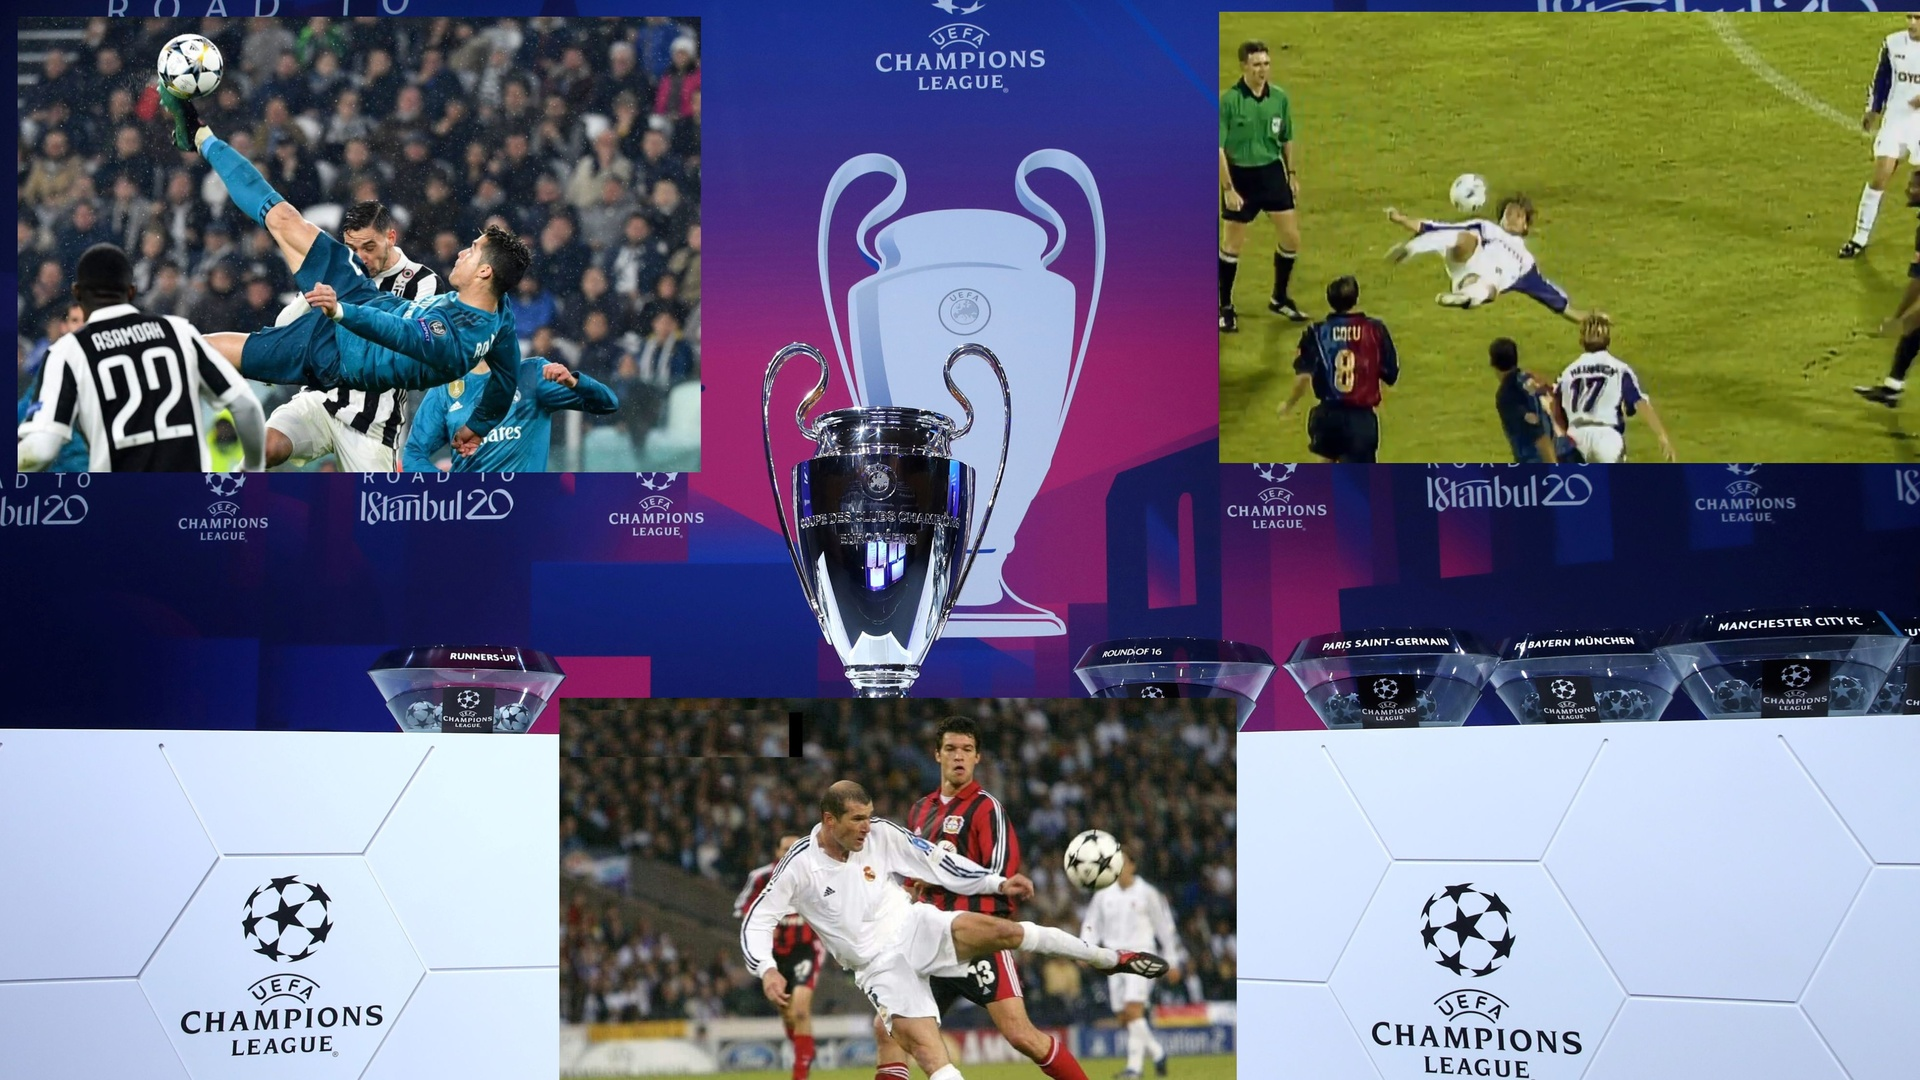 مجلة فرانس فوتبول: أفضل هدف في تاريخ دوري الأبطال (فيديو)